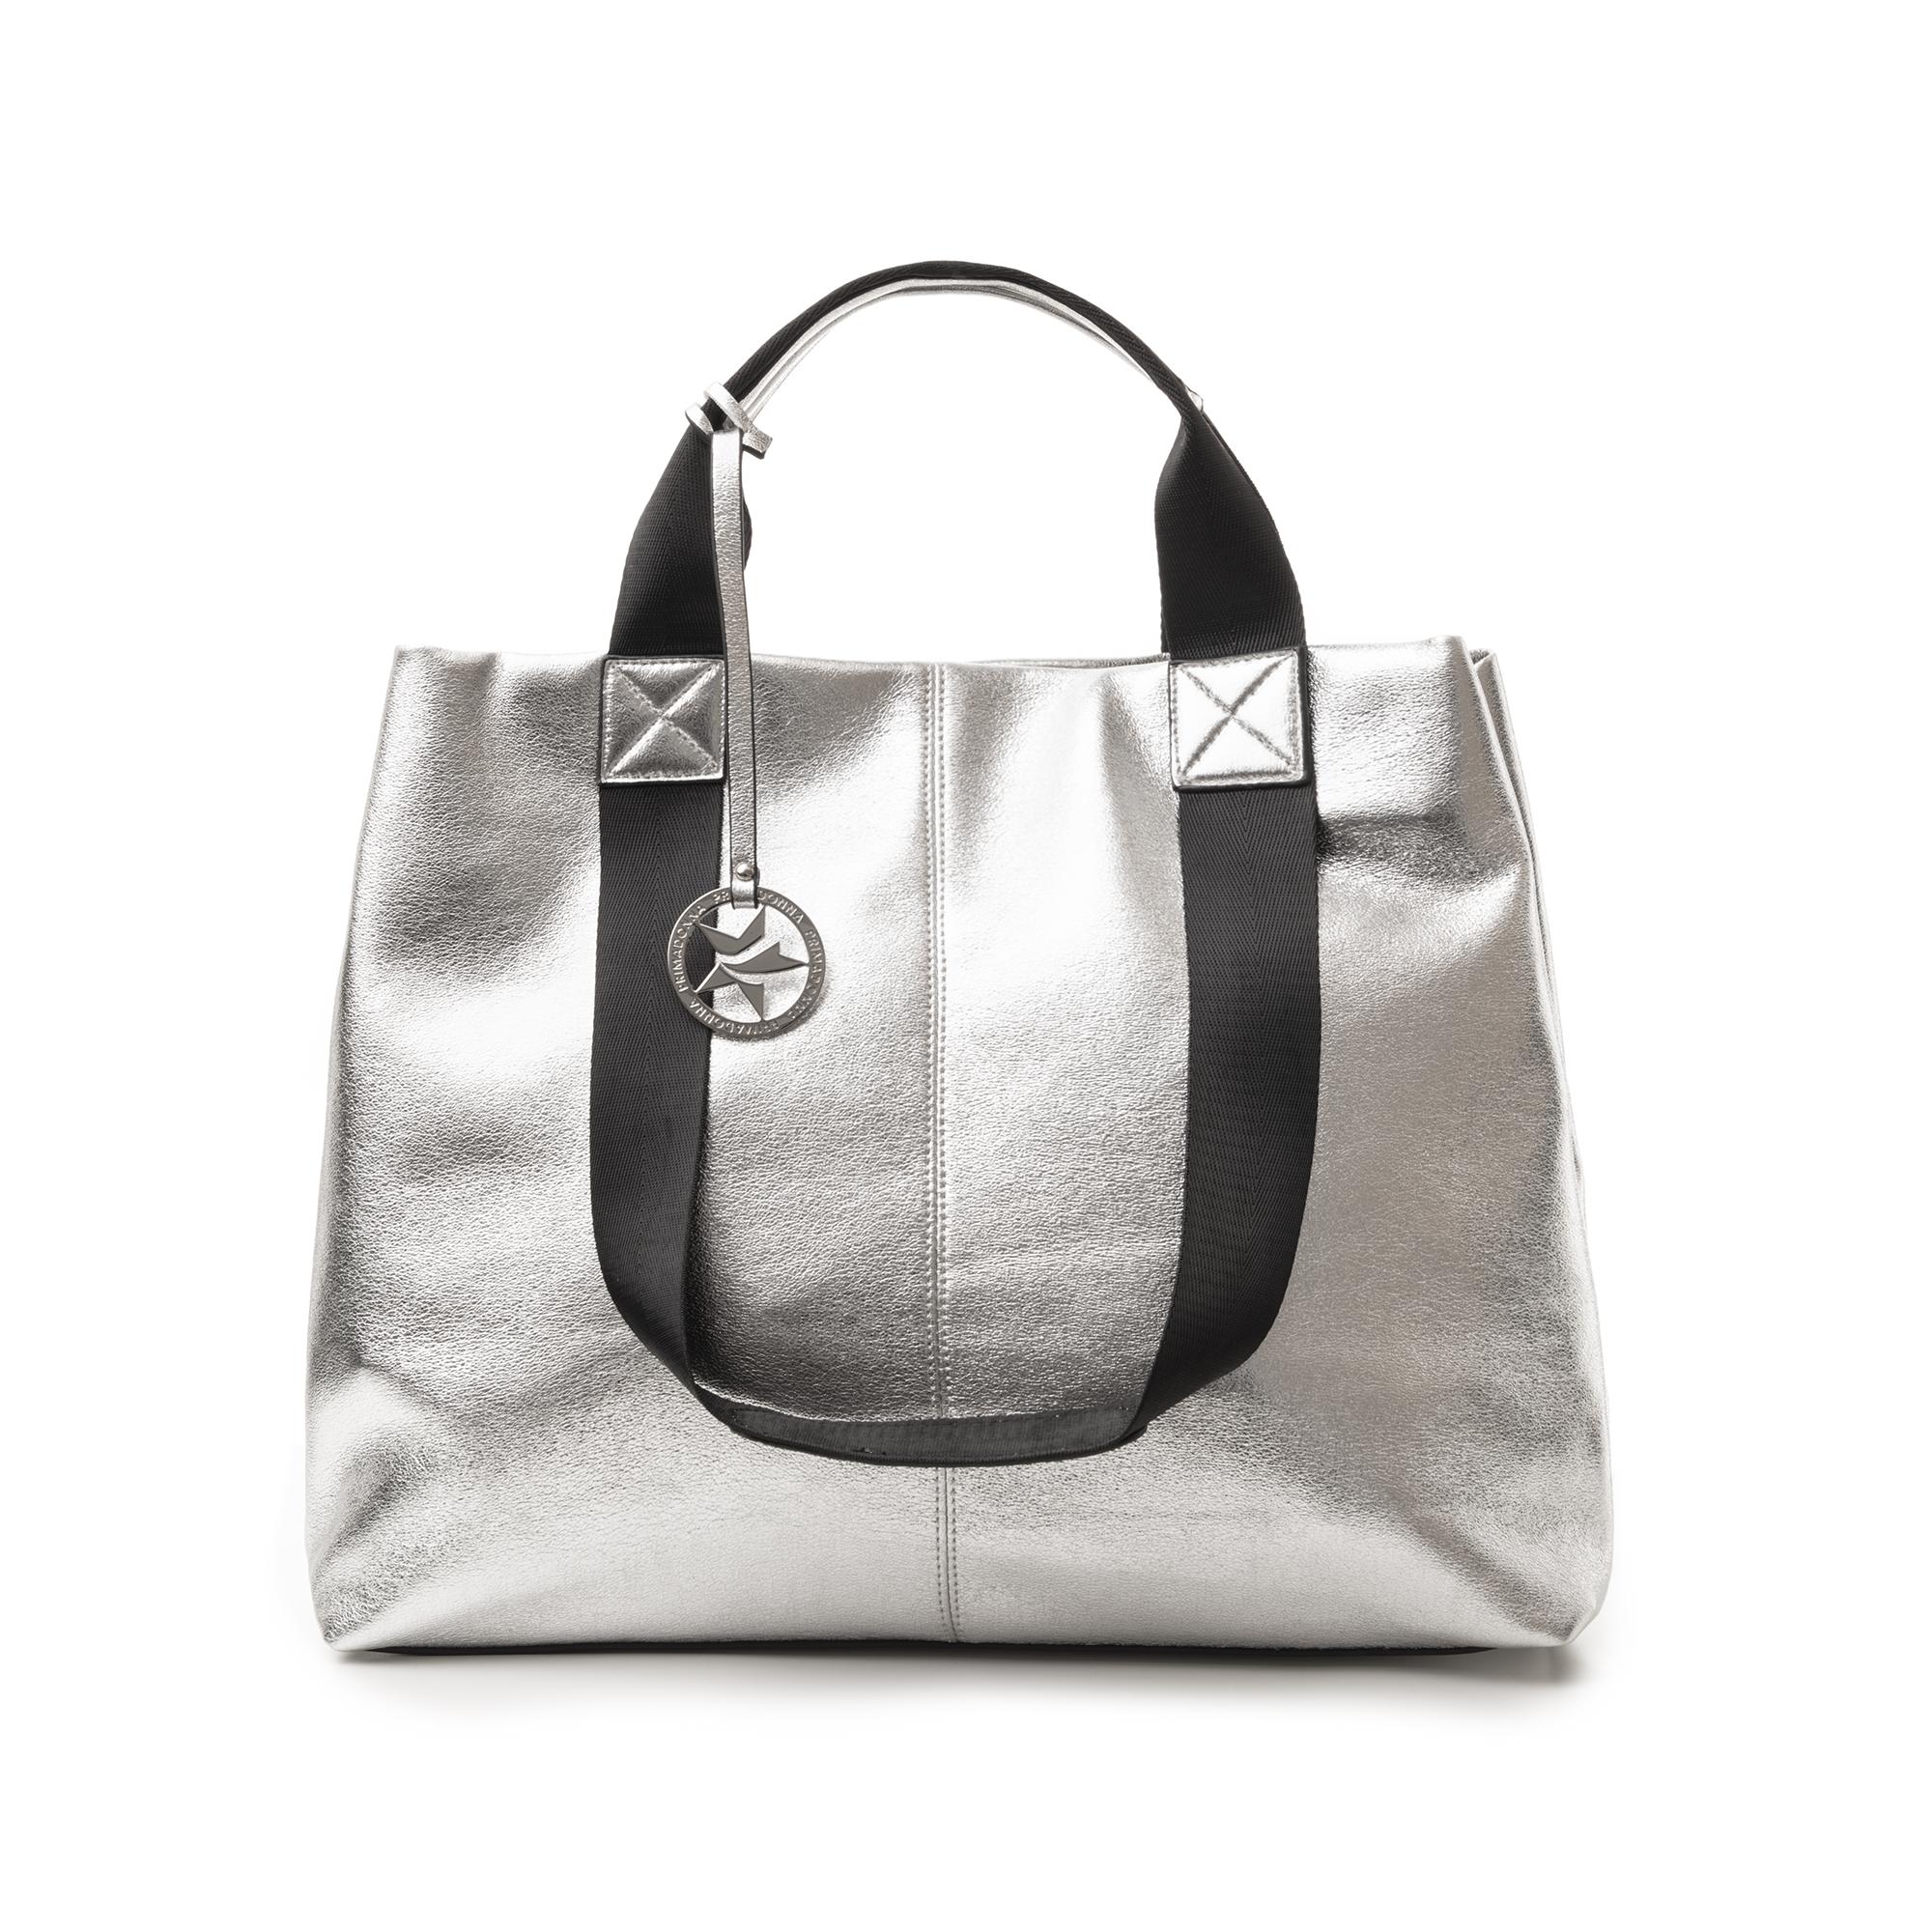 design di qualità d0cd2 6c43f Maxi-bag argento in laminato donna   Primadonna Collection